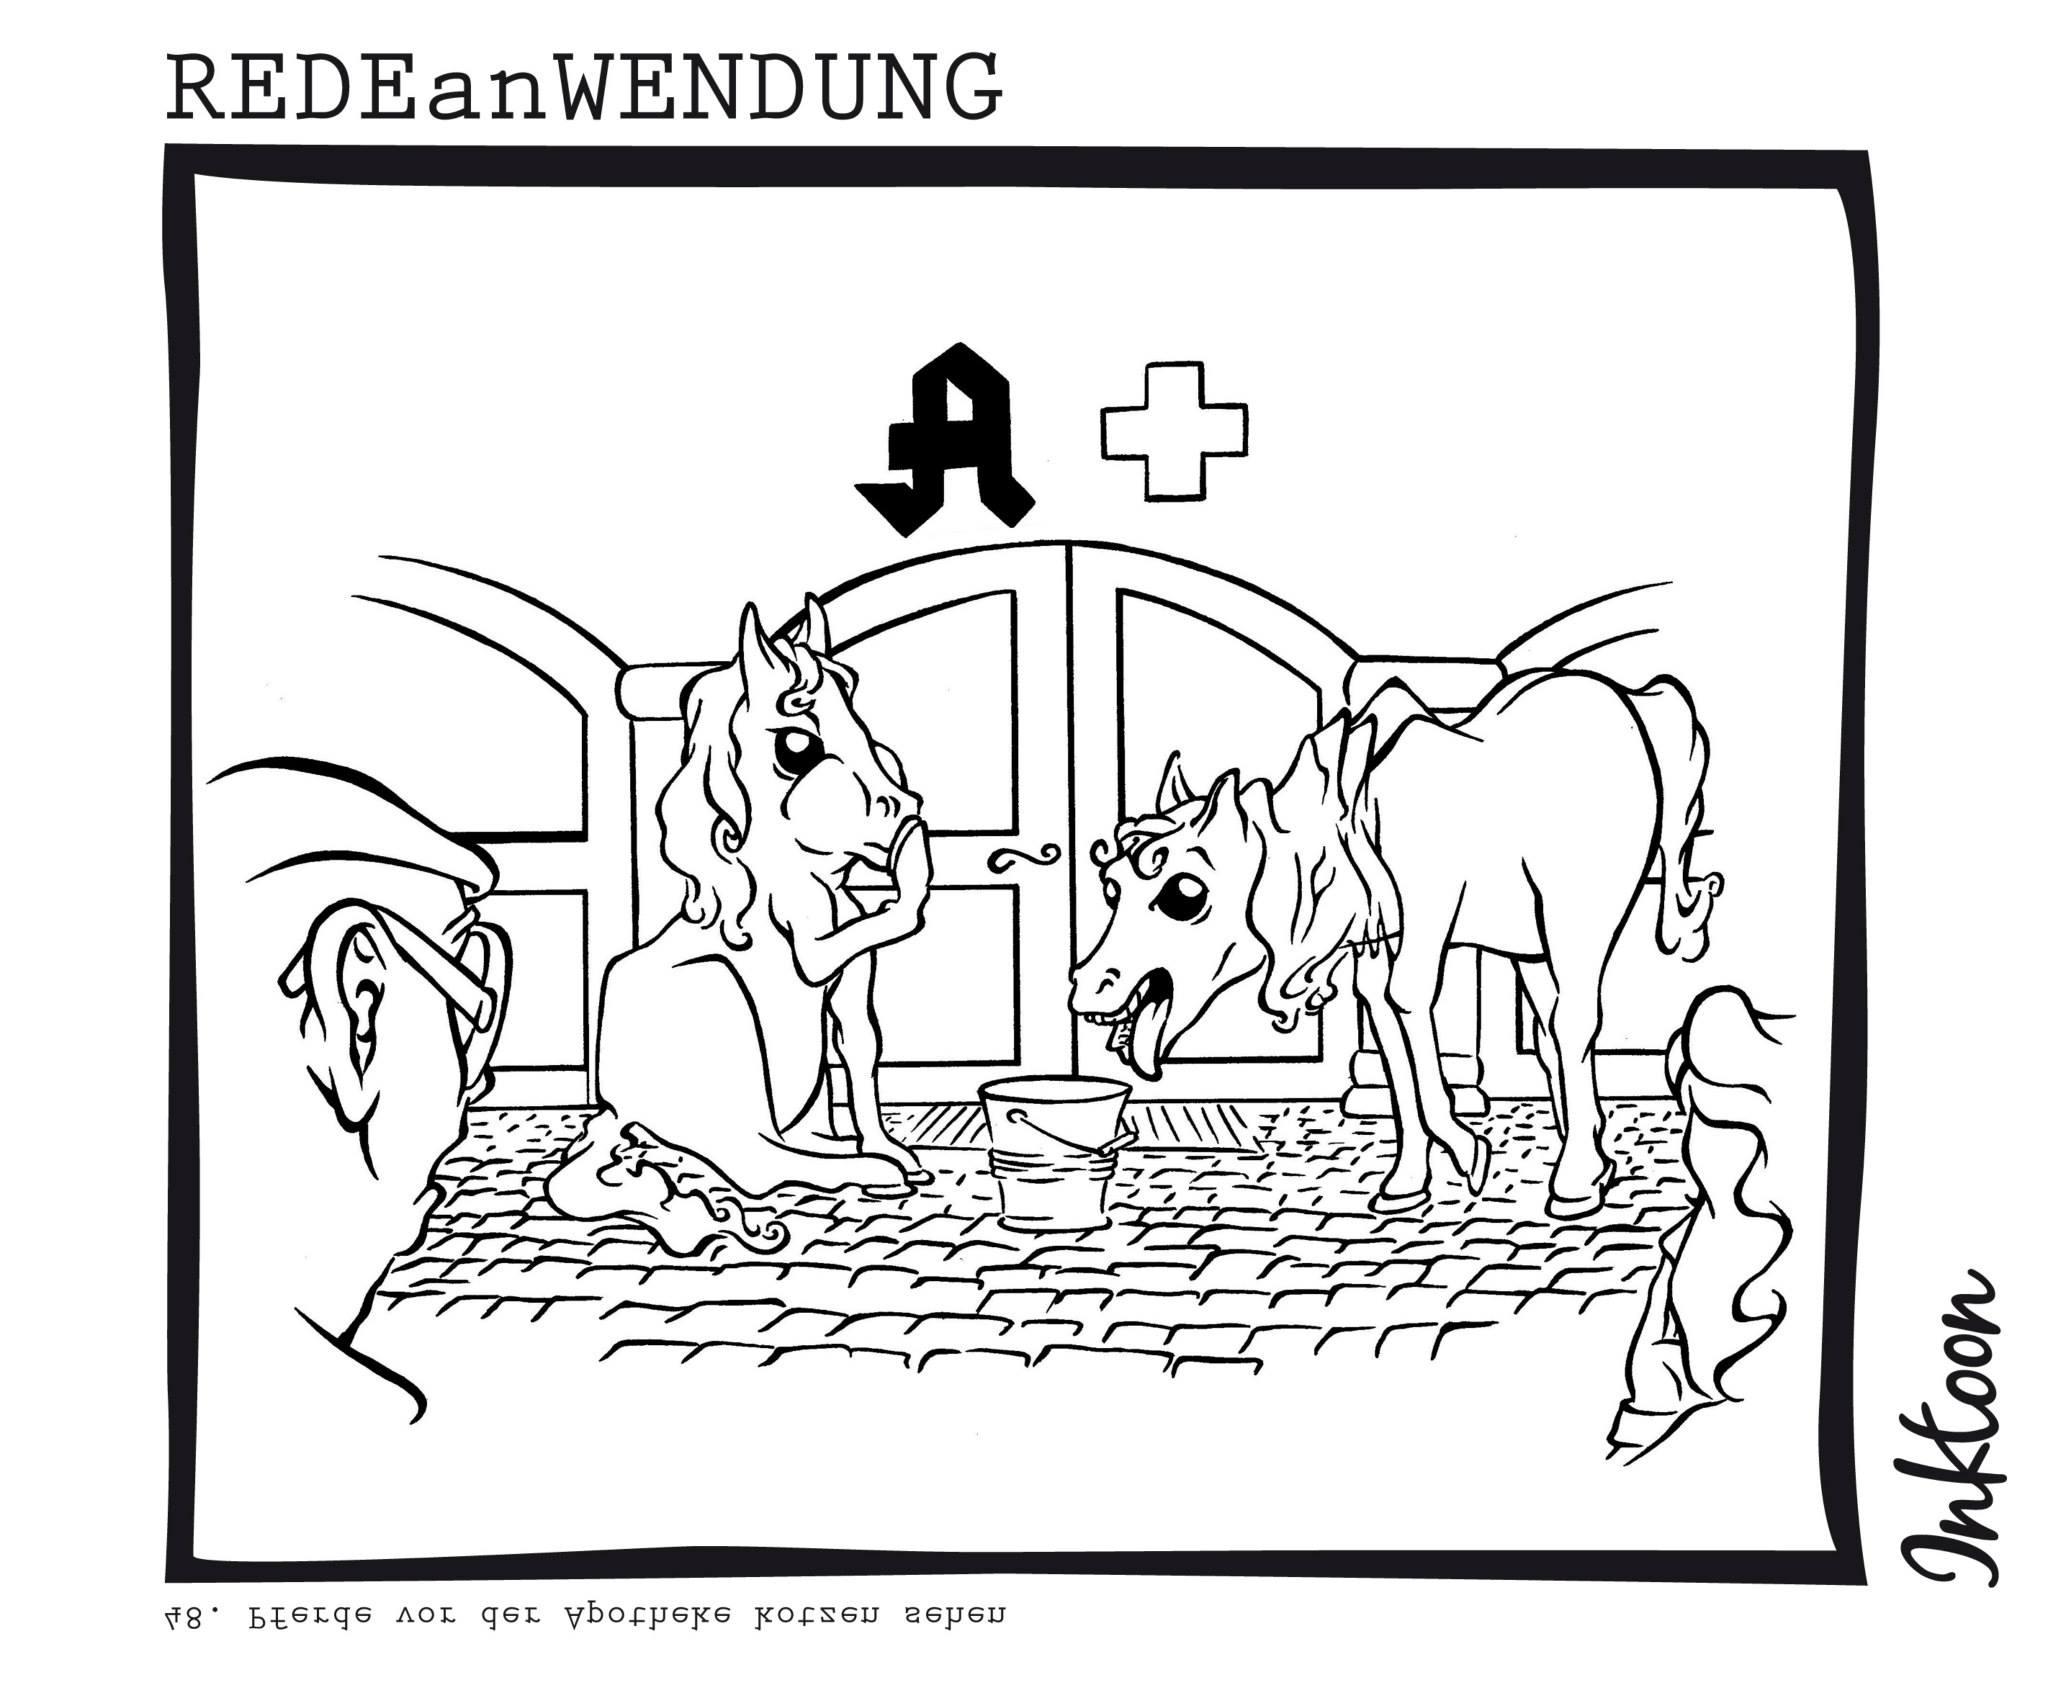 Pferde vor der Apotheke kotzen sehen Unglaublich Unwahrscheinlich Vorsicht geboten Redewendung Redeanwendung Bilderrätsel toon inktoon Illustration Grafik Sprichwort Bild